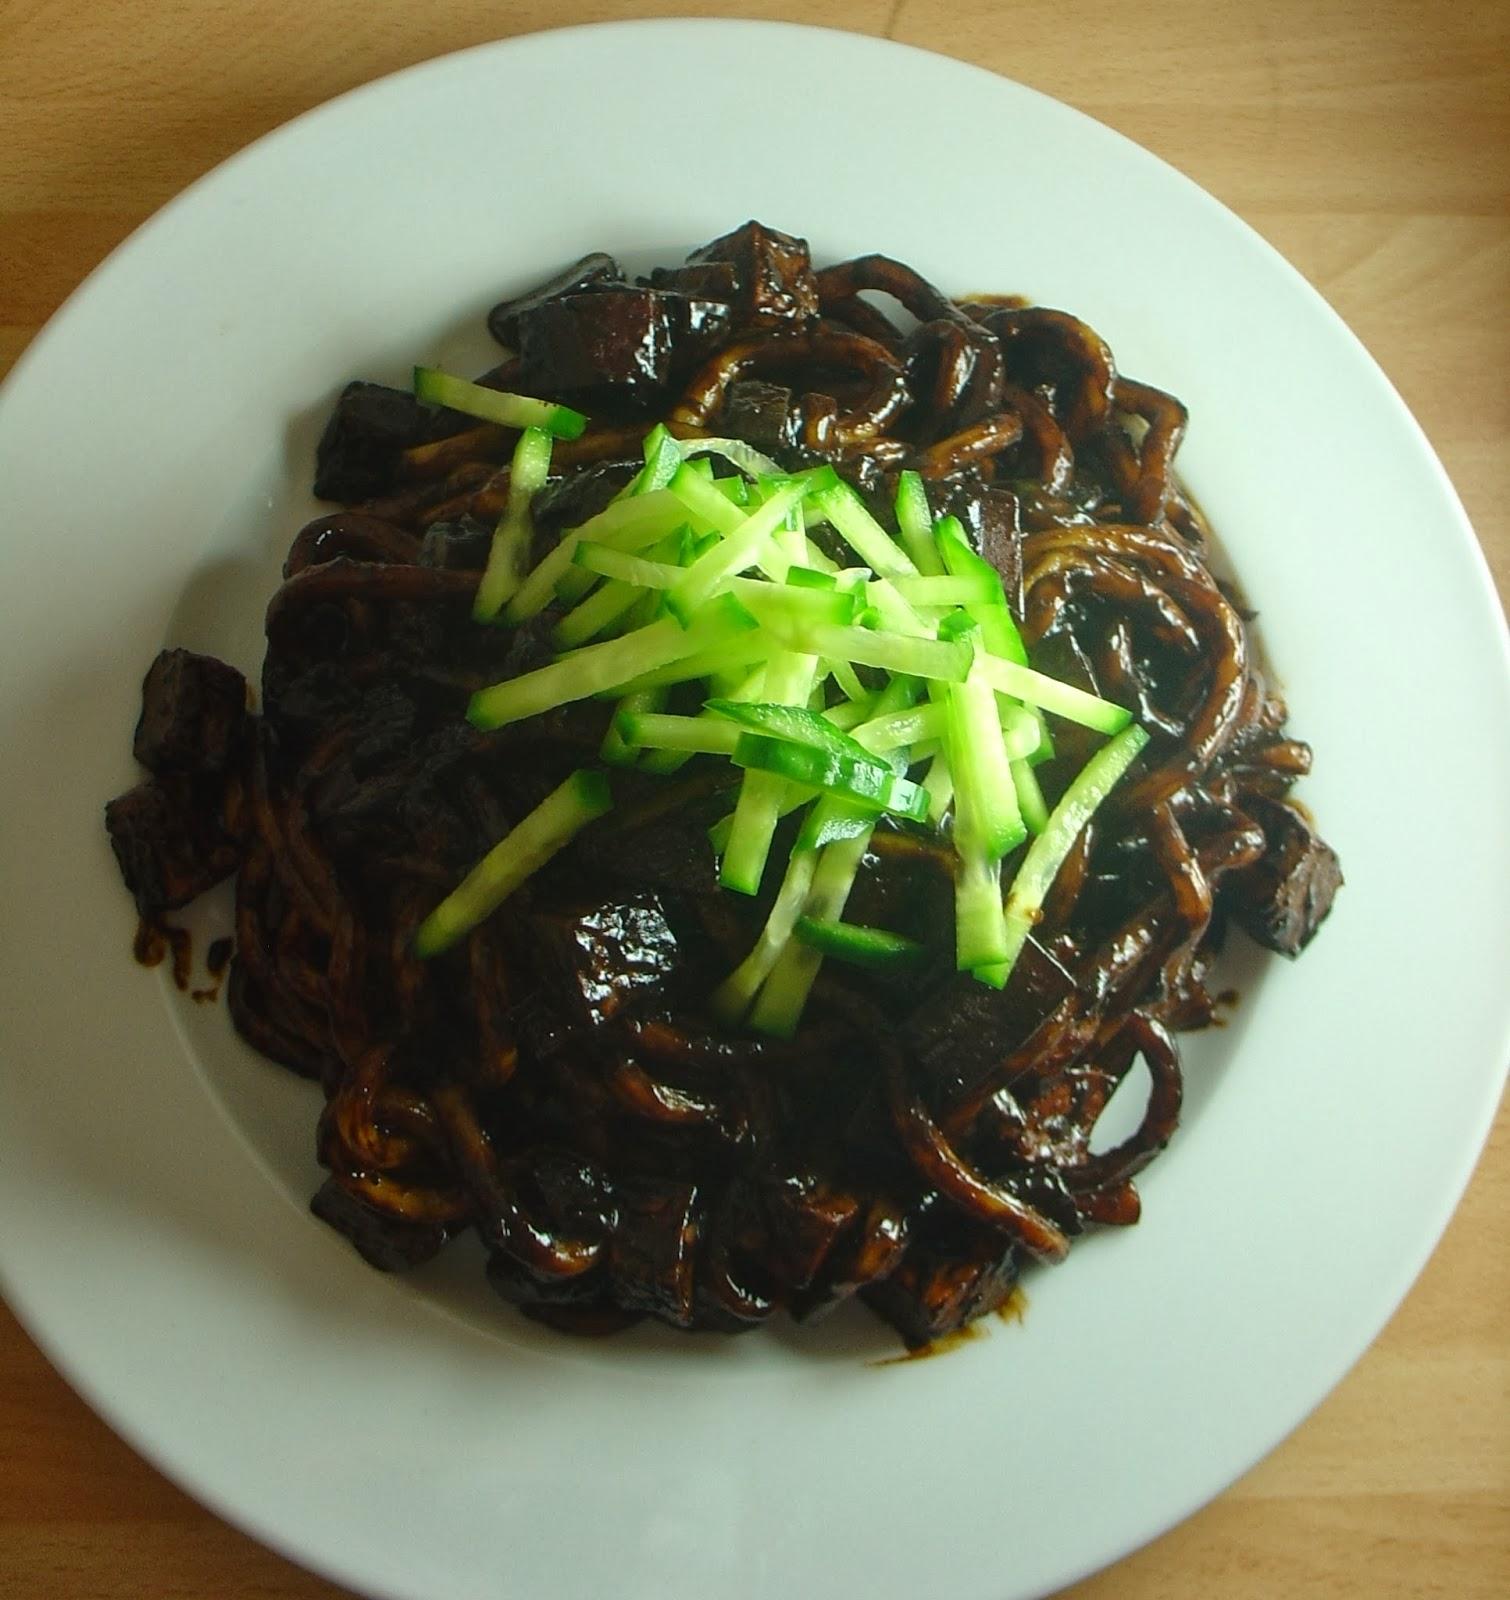 The vegan telegraph exchange jjajangmyun korean chinese black bean vegan jjajangmyeon korean chinese black bean noodles jjajangmyun forumfinder Image collections